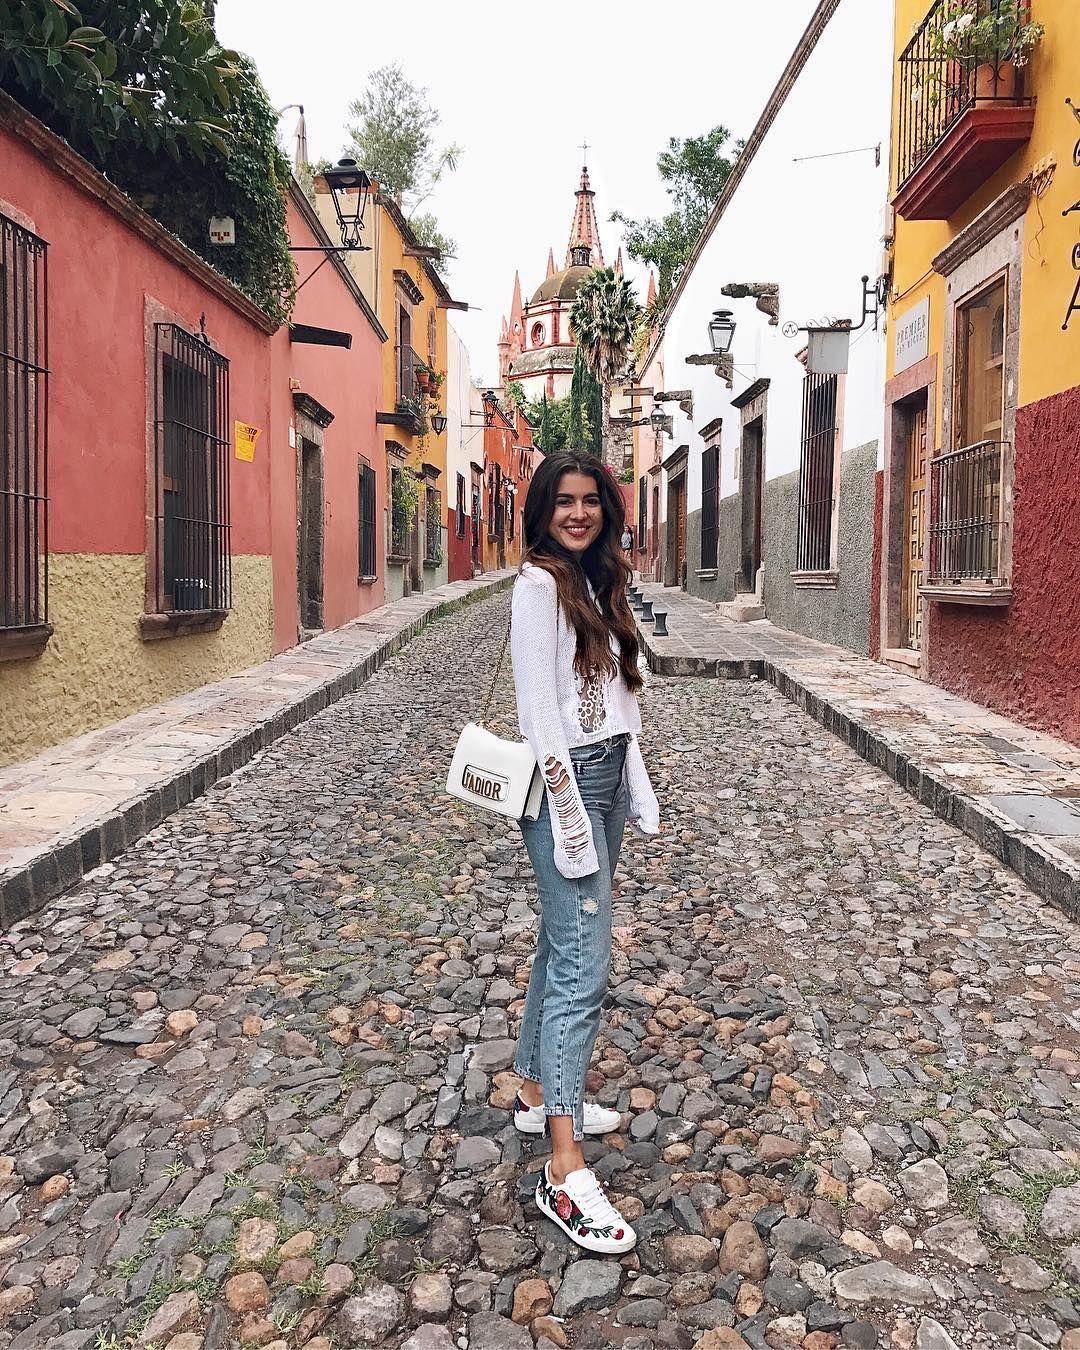 Pamela Allier On Instagram San Miguel De Mis Lugares Favoritos En México Pamallierinsanmig Fotografia Poses Poses Para Fotografía Fotografia